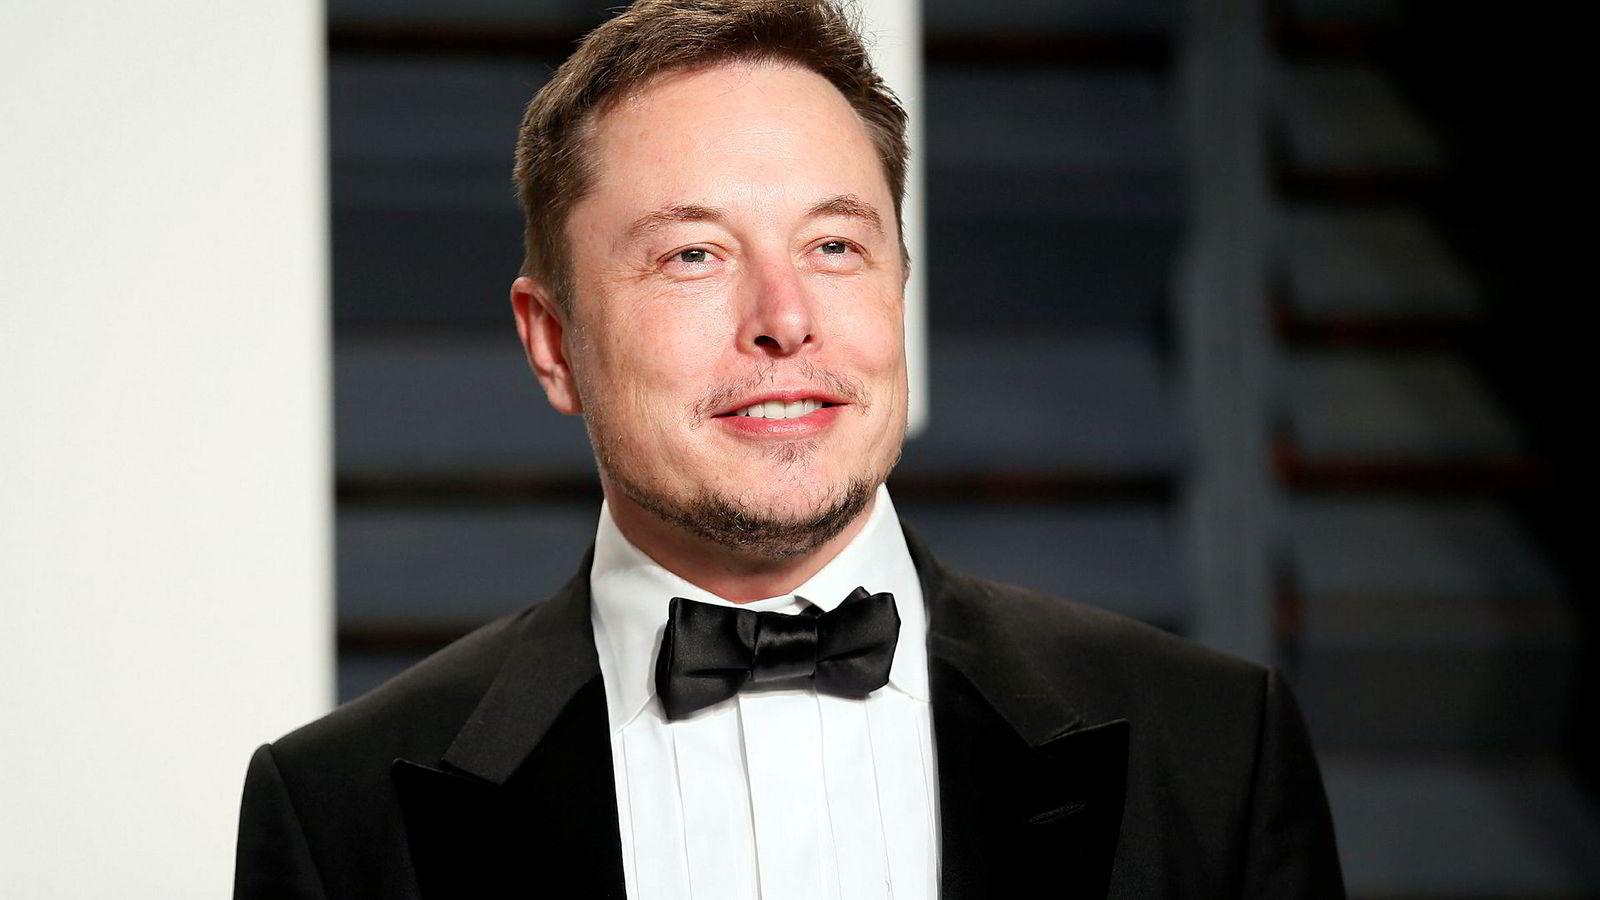 Musk måtte innløse opsjoner som ga ham en fortjeneste på 1,34 milliarder dollar. Det ga utslag på skatten.